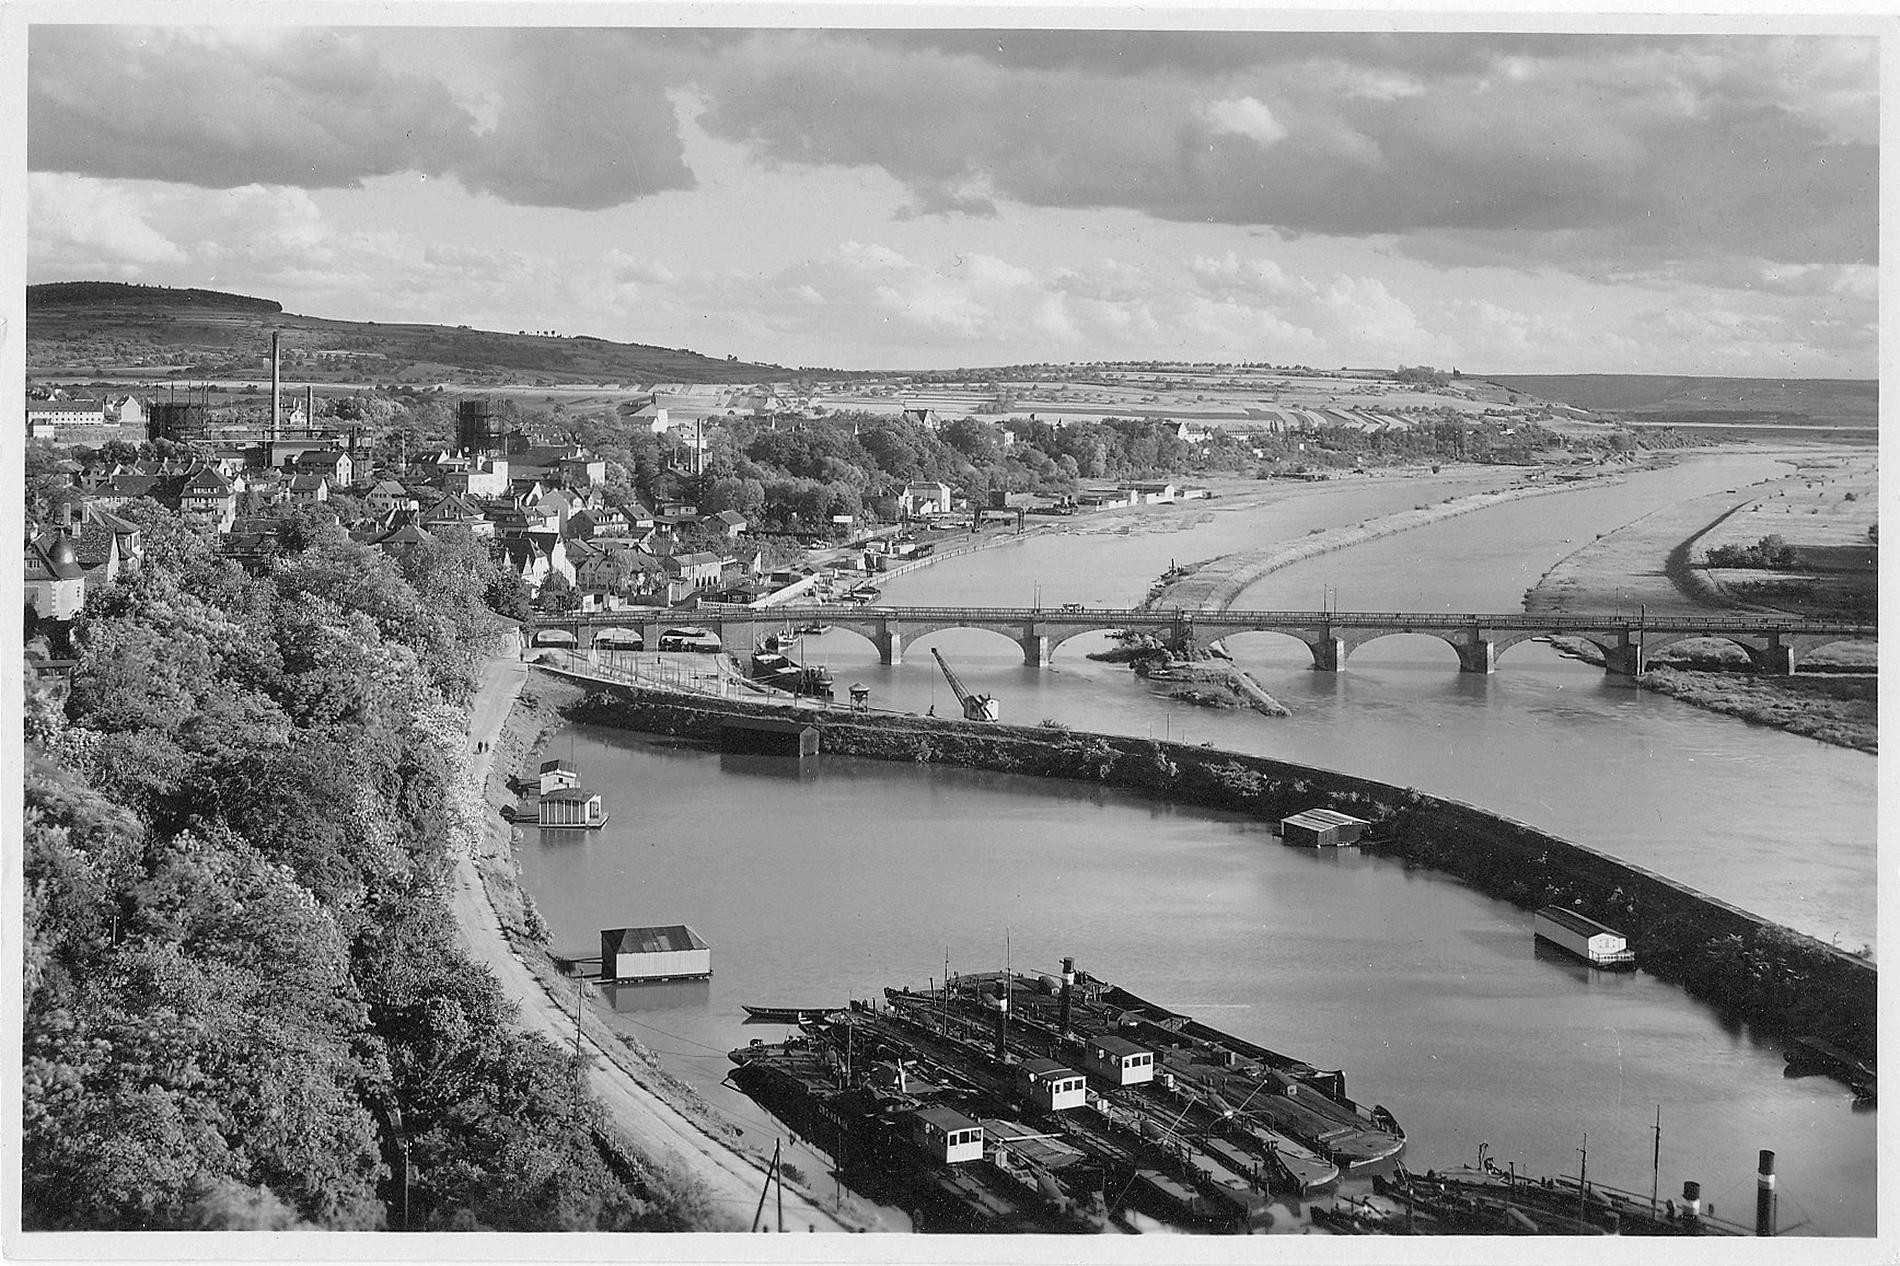 © Luftaufnahme, Sammlung Stadelmann. Stadt- und Stiftsarchiv Aschaffenburg, Ansichtskartensammlung